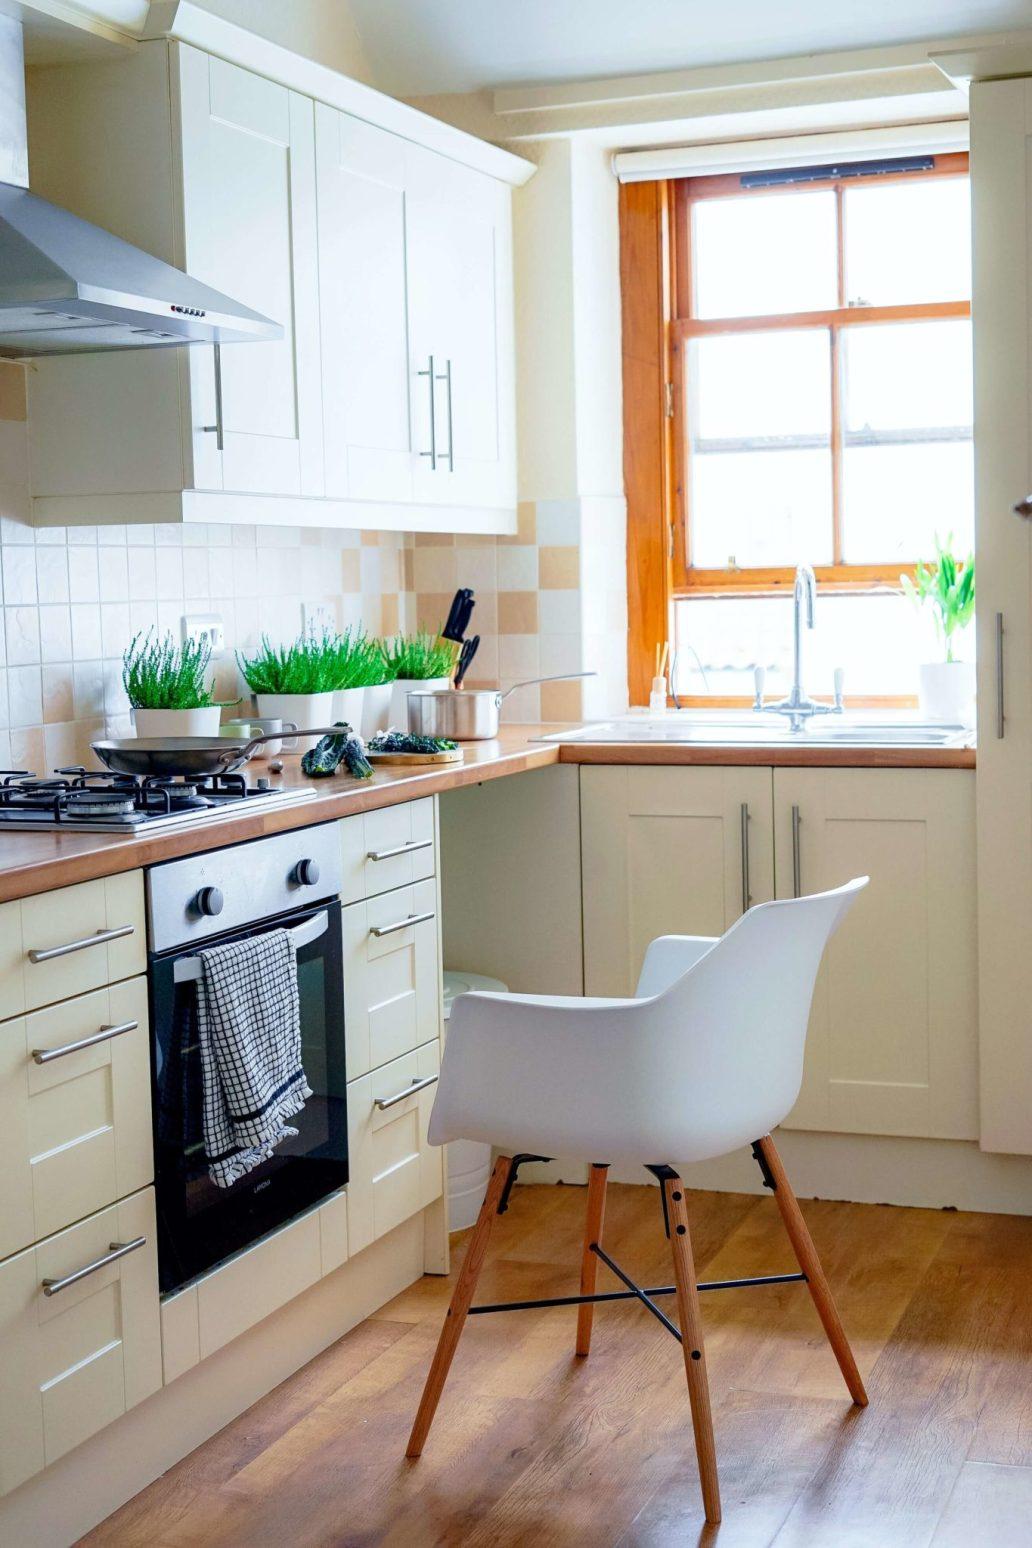 cuisine coconing vérifier les installations électrique pour réduire le risque dincendie 1365x2048 - Les meilleurs moyens de se prémunir d'un incendie dans la maison